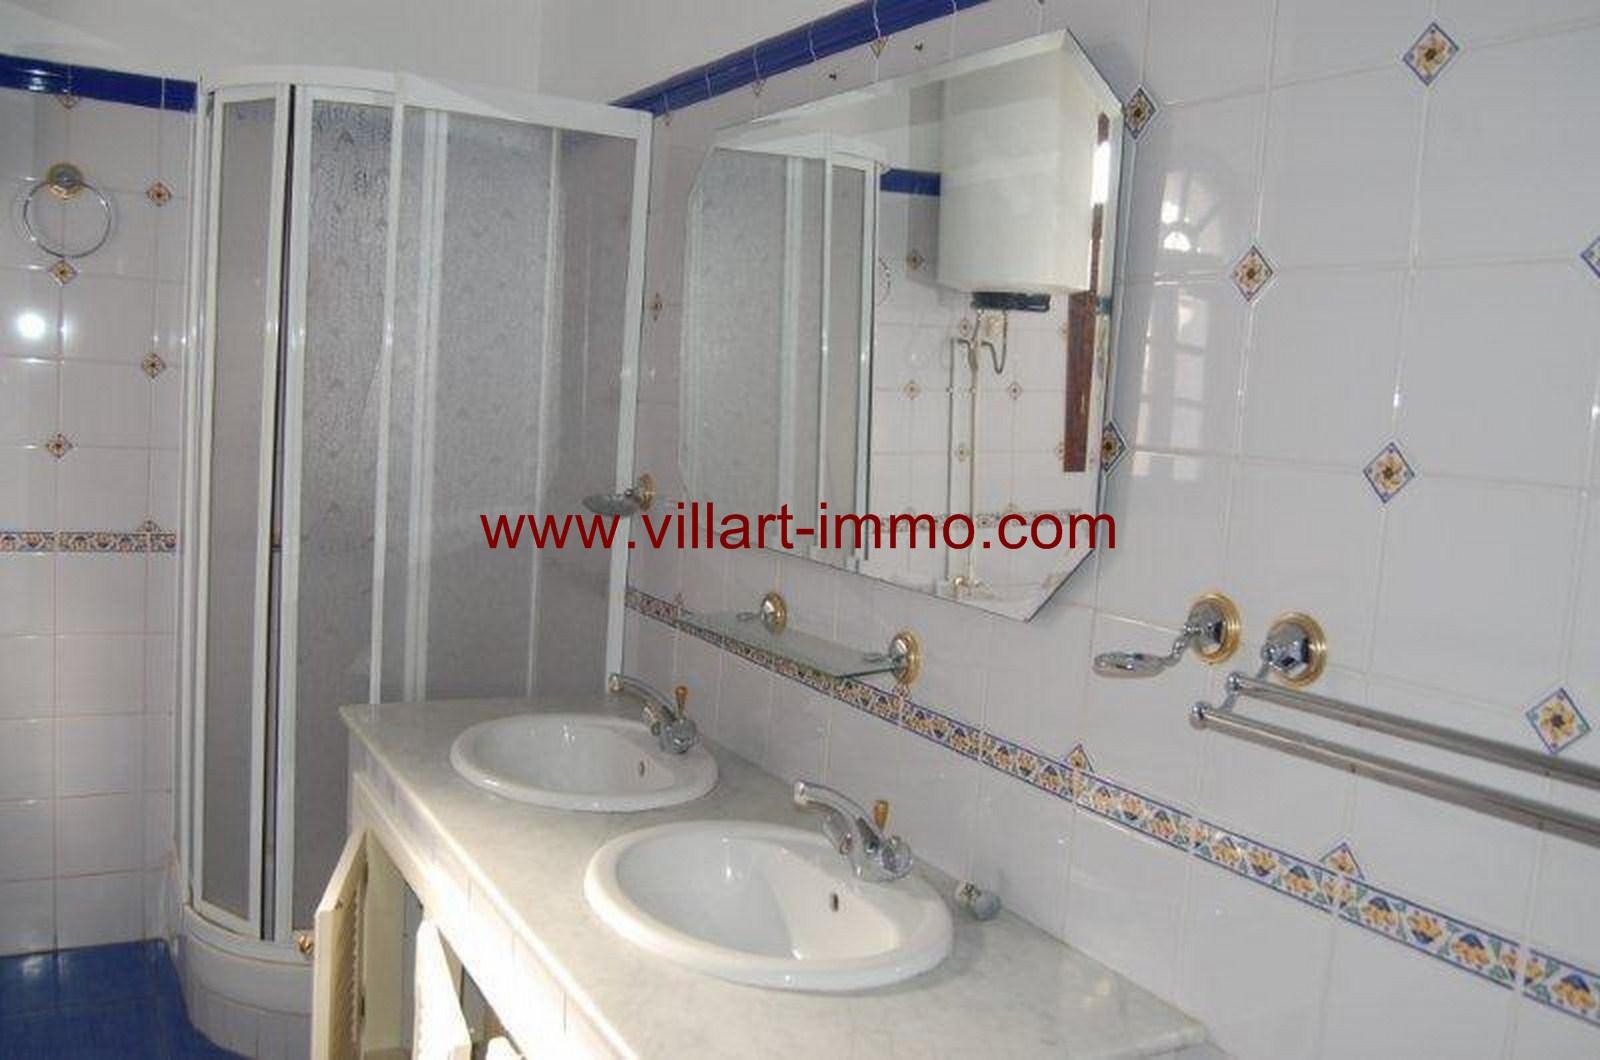 16-vente-villa-tanger-boubana-salle-de-bain-vv363-villart-immo